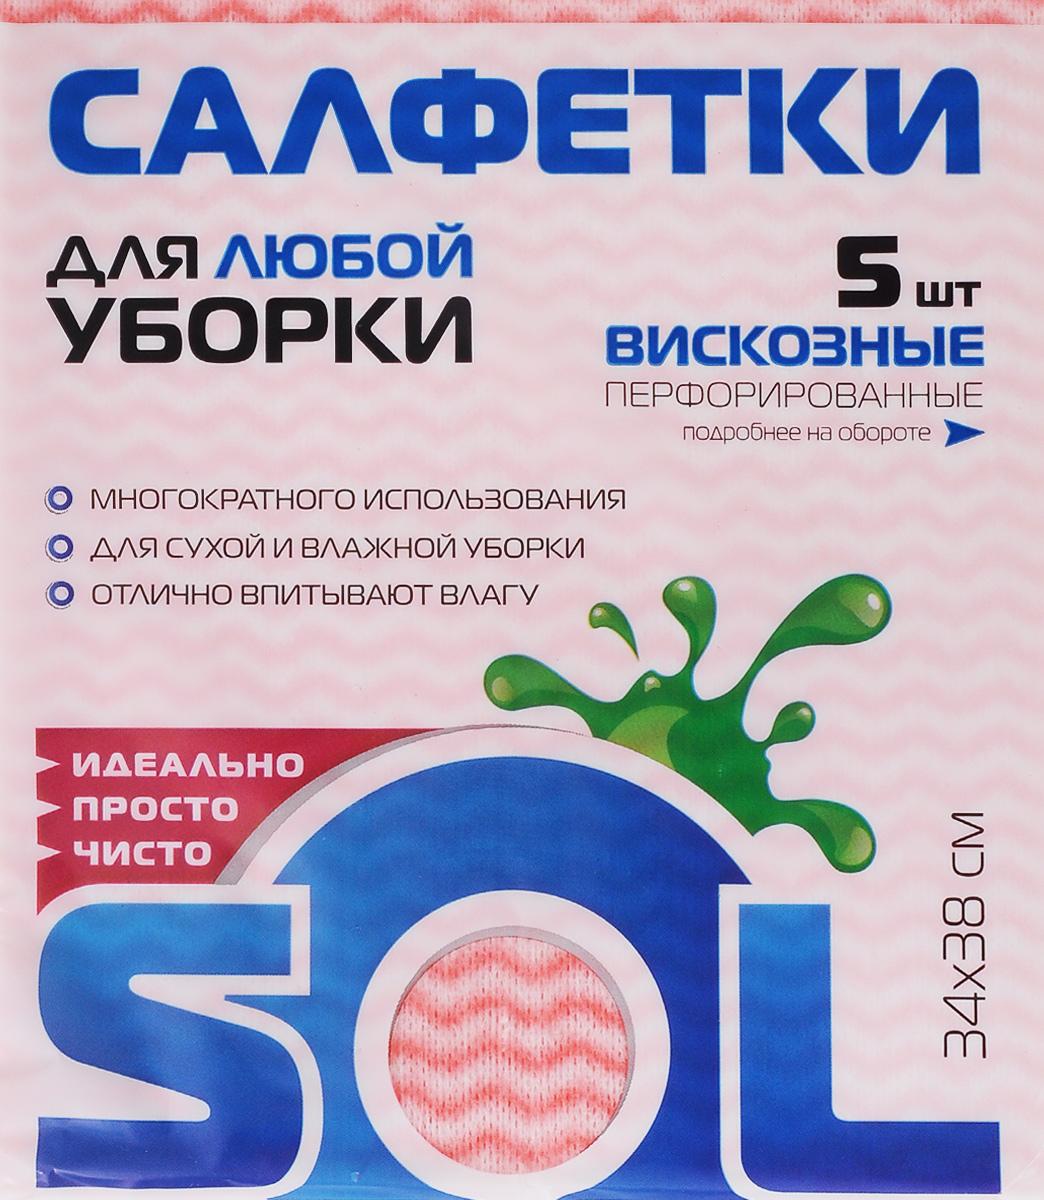 Салфетка для уборки Sol, из вискозы, перфорированная, цвет: розовый, зеленый, 34 x 38 см, 5 шт2.4.02.016Перфорированные салфетки Sol, выполненные из вискозы, предназначены для уборки и могут применяться с различными моющими средствами. Благодаря перфорации салфетка быстро высыхает, что позволяет избежать возникновения неприятных запахов. Отлично подходит для полировки различных поверхностей, не оставляет разводов и ворсинок. Рекомендации по уходу: Для обеспечения гигиеничности уборки после применения прополоскать в теплой воде.Для продления срока службы не применять машинную стирку, не гладить и не кипятить.